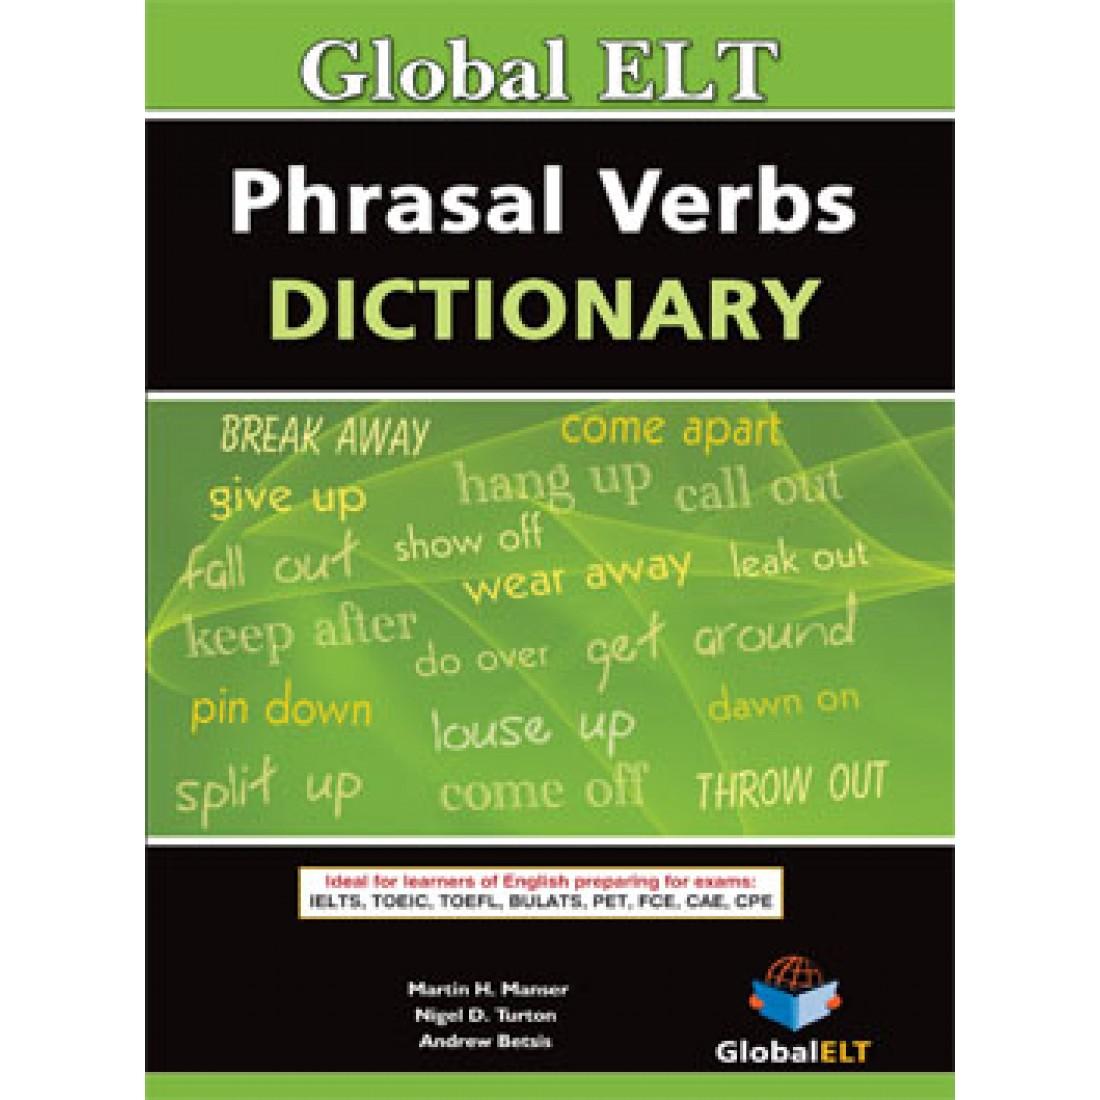 Global ELT Phrasal Verbs Dictionary